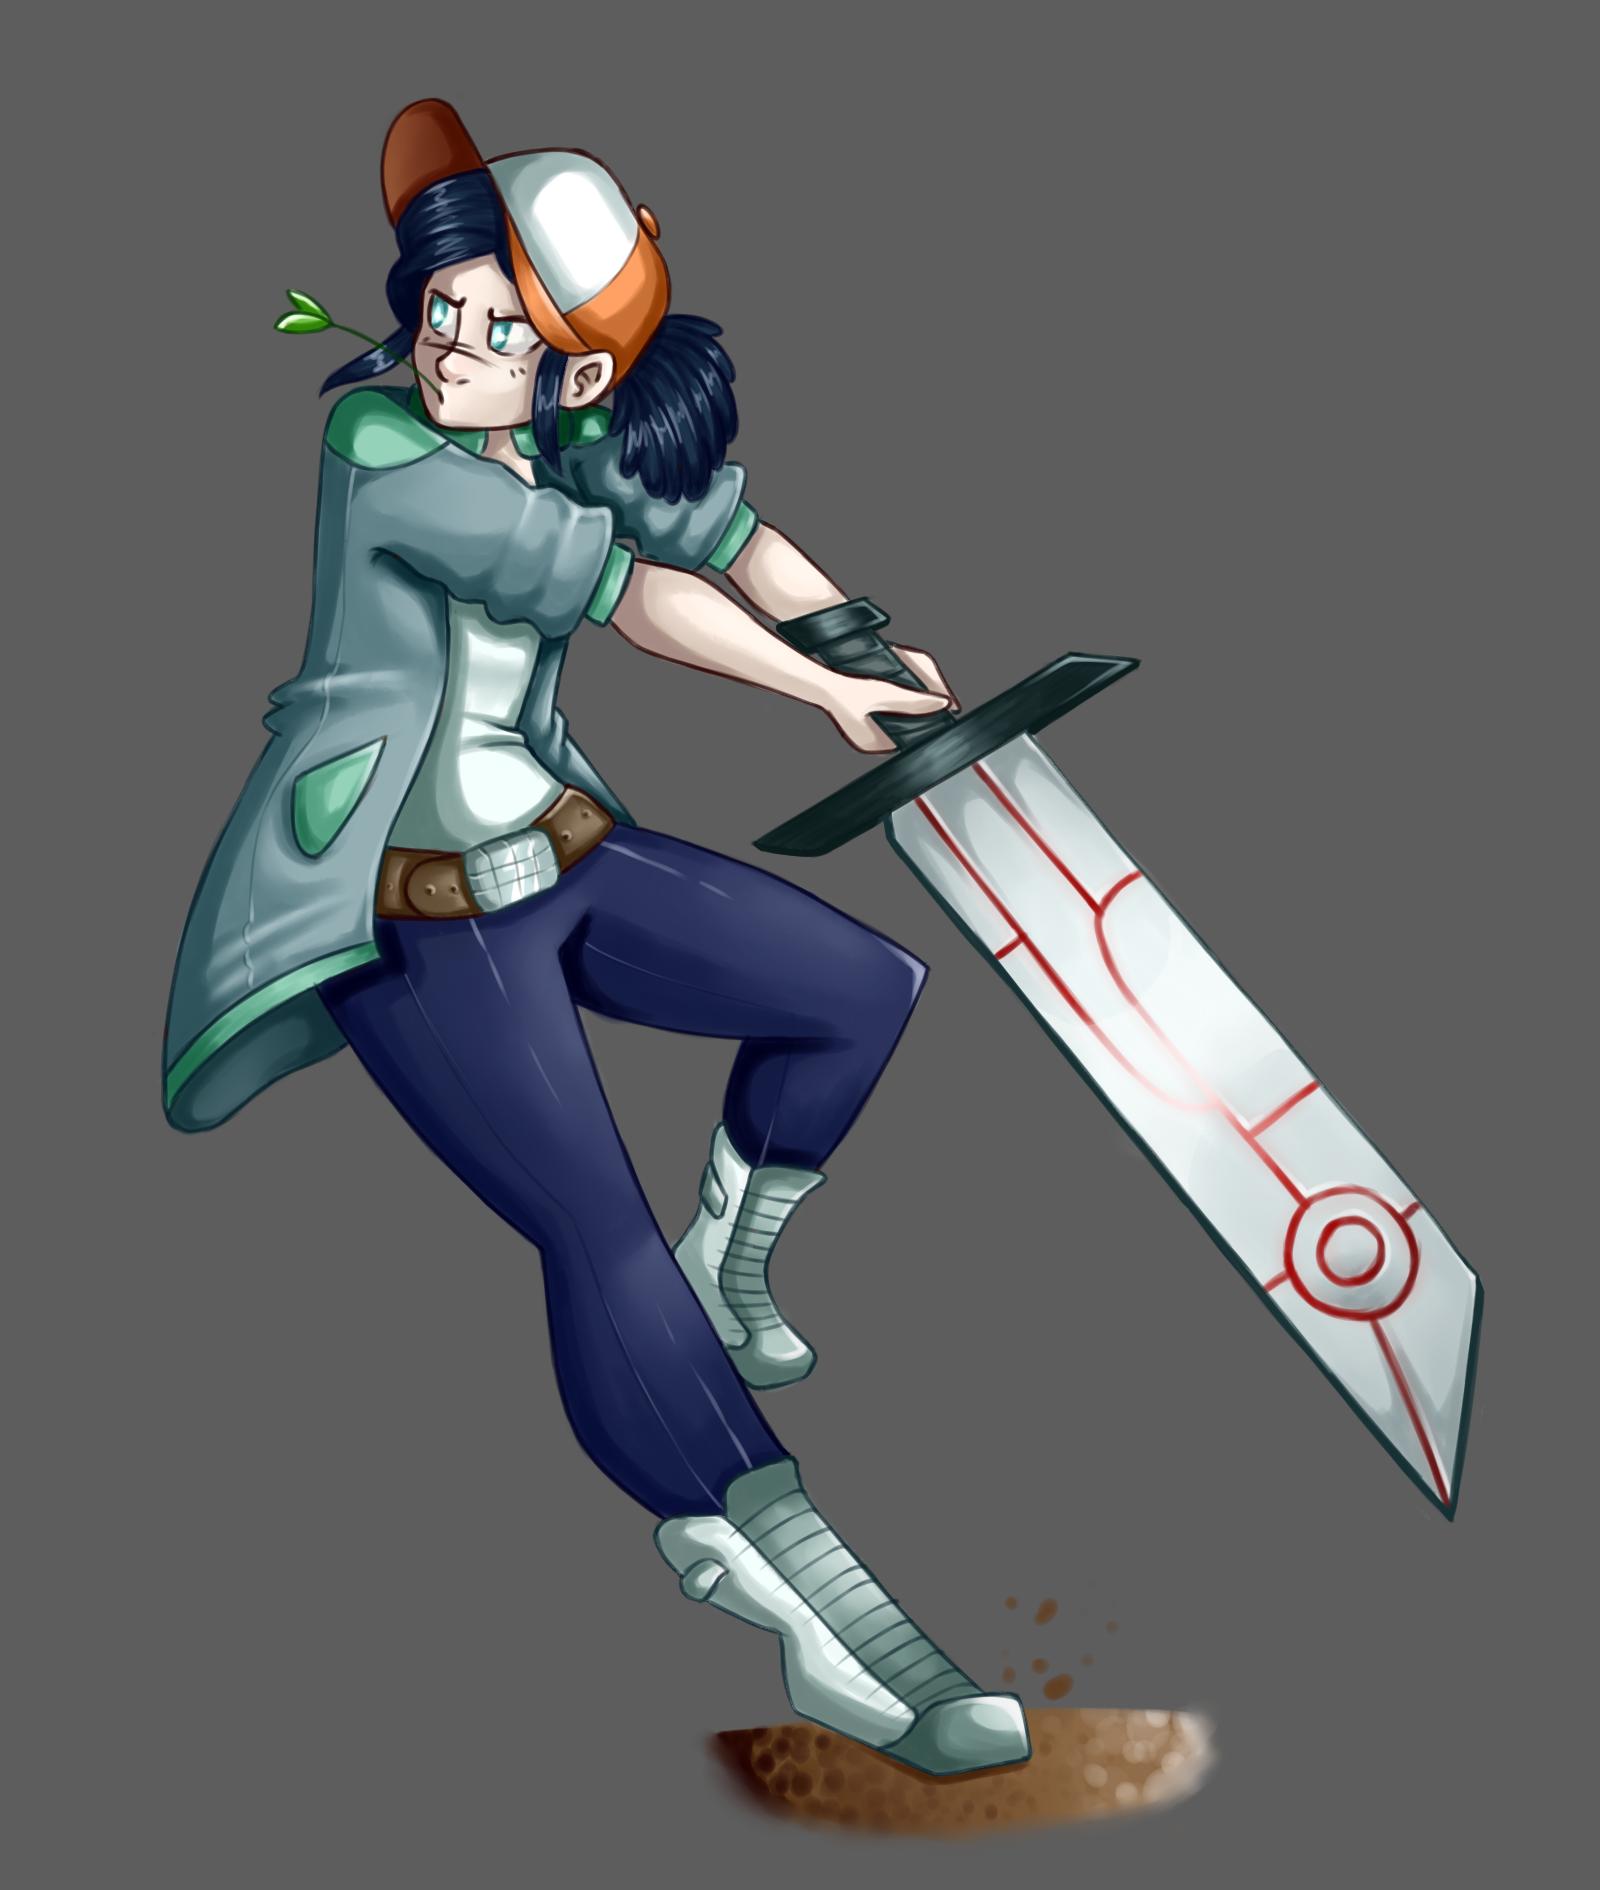 a giant sword